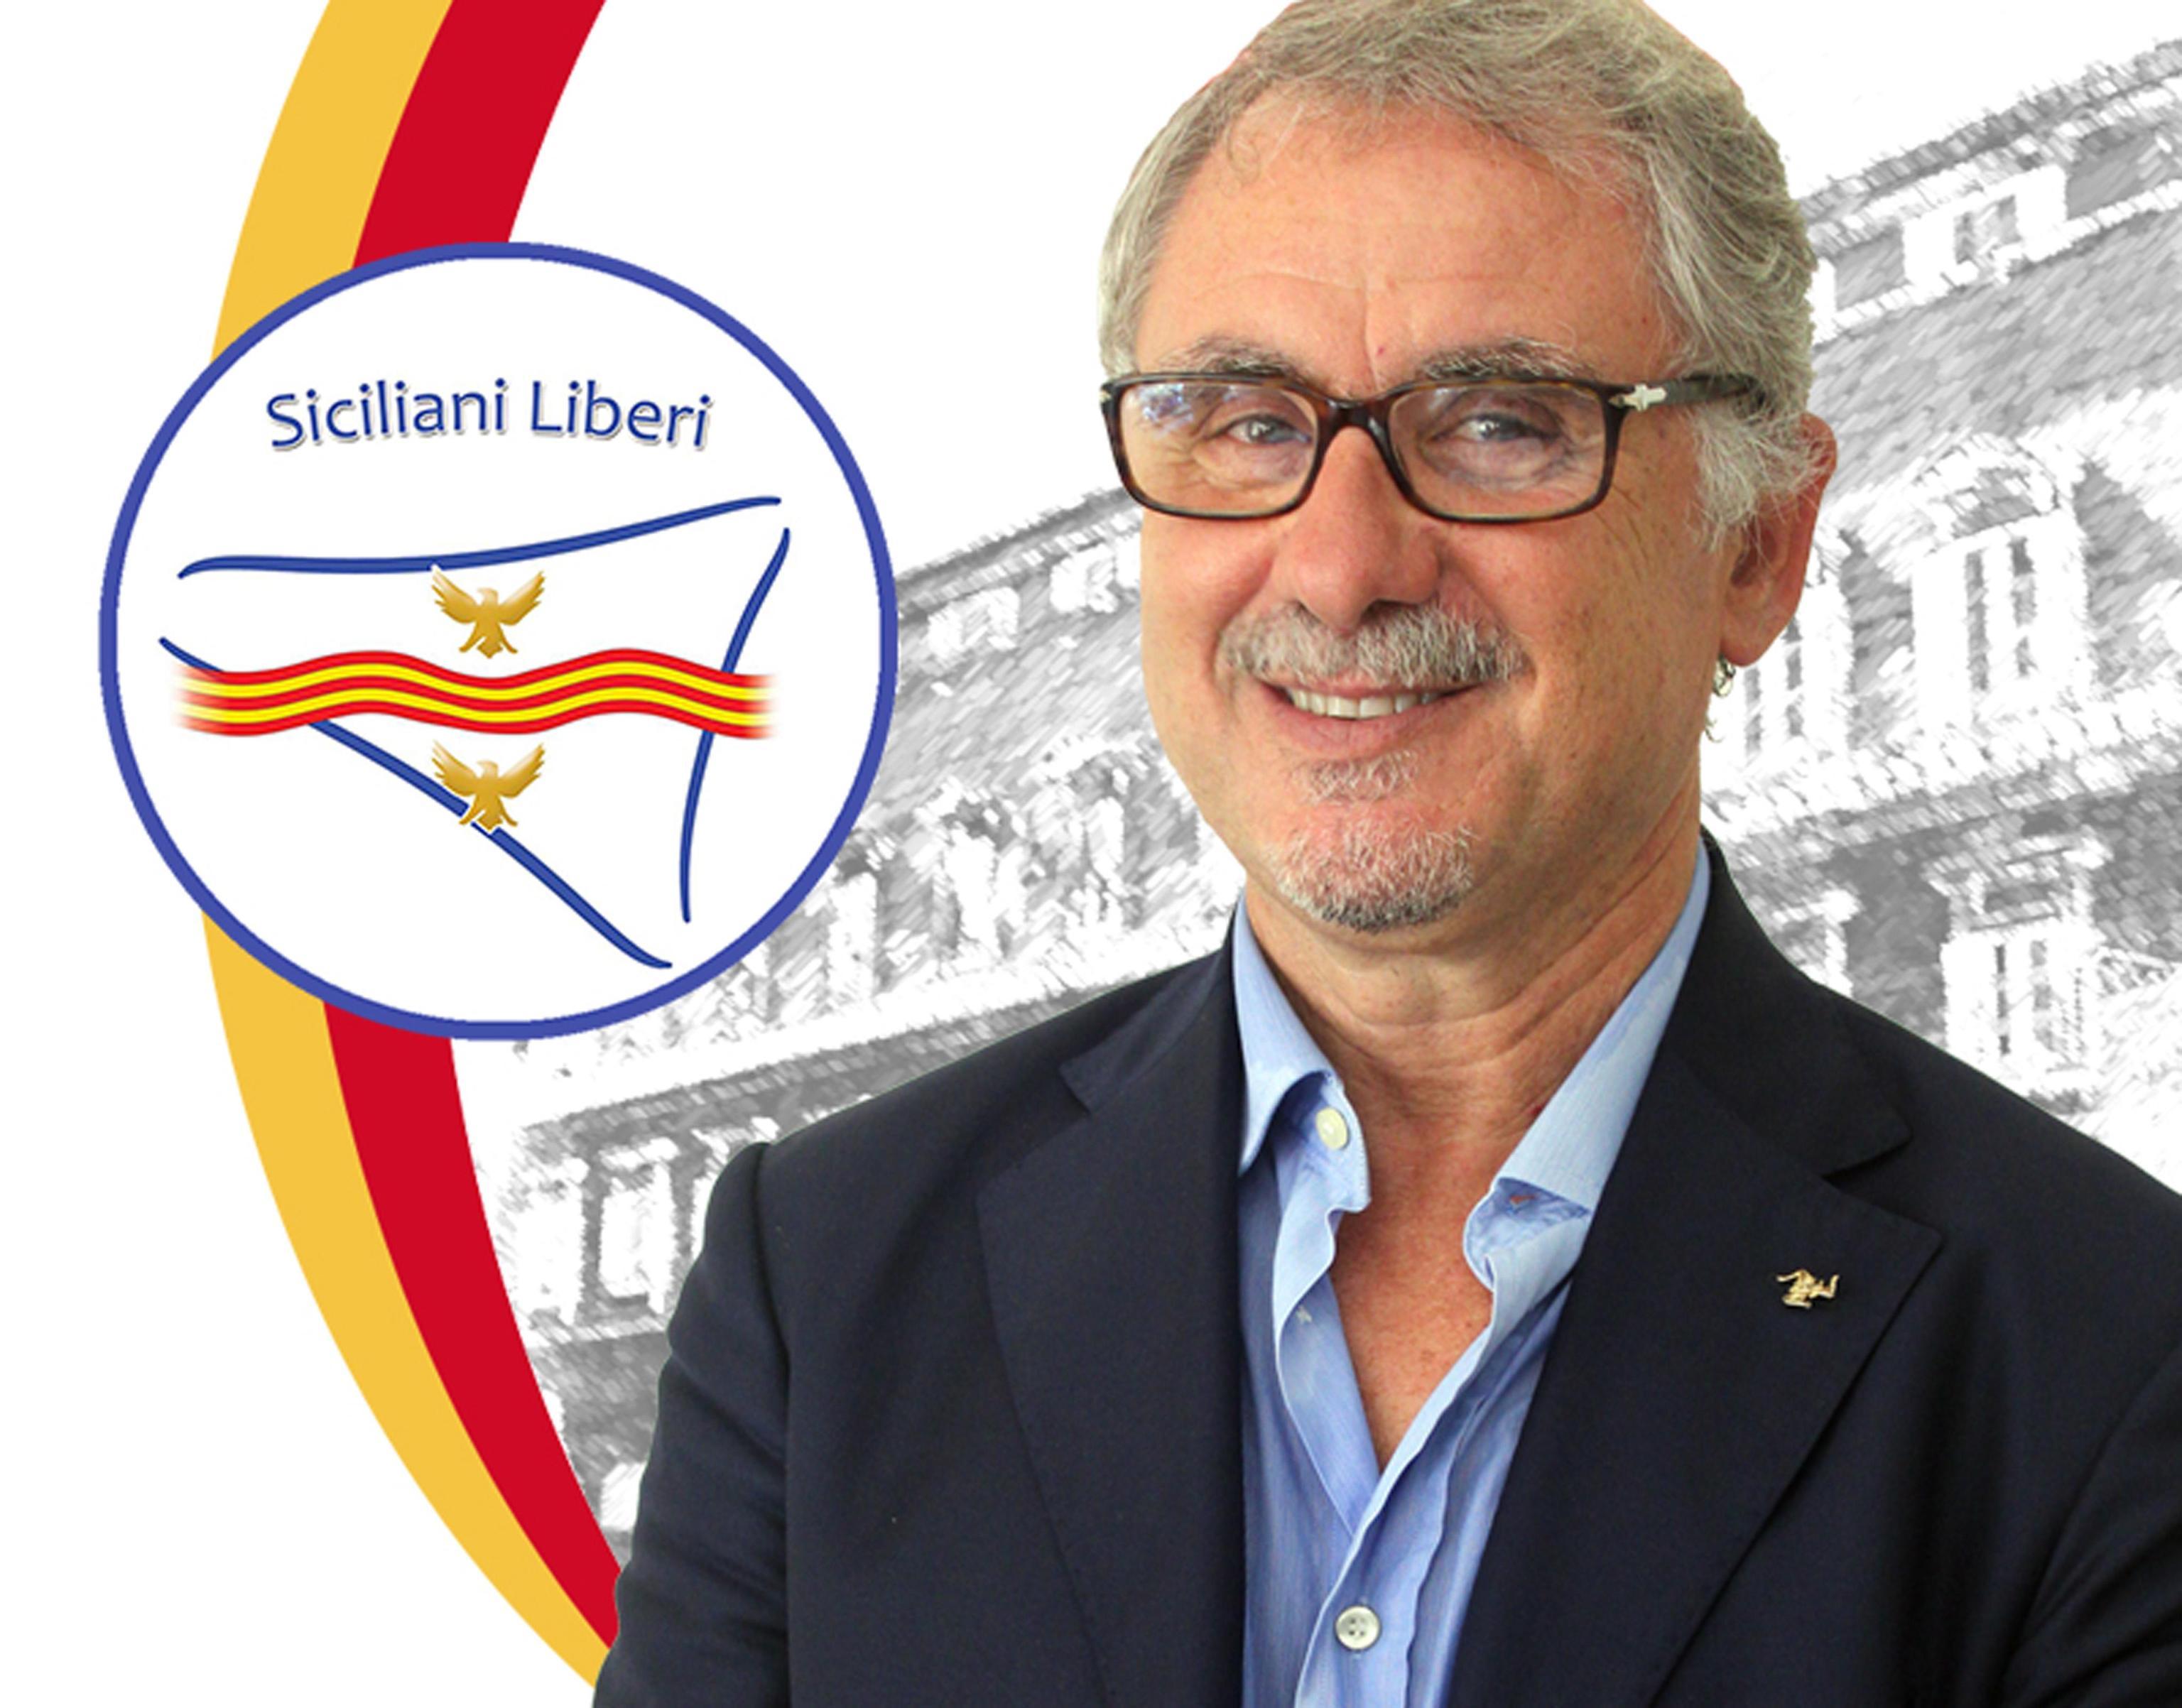 Sicilia:'Siciliani liberi',parte campagna voto con manifesti